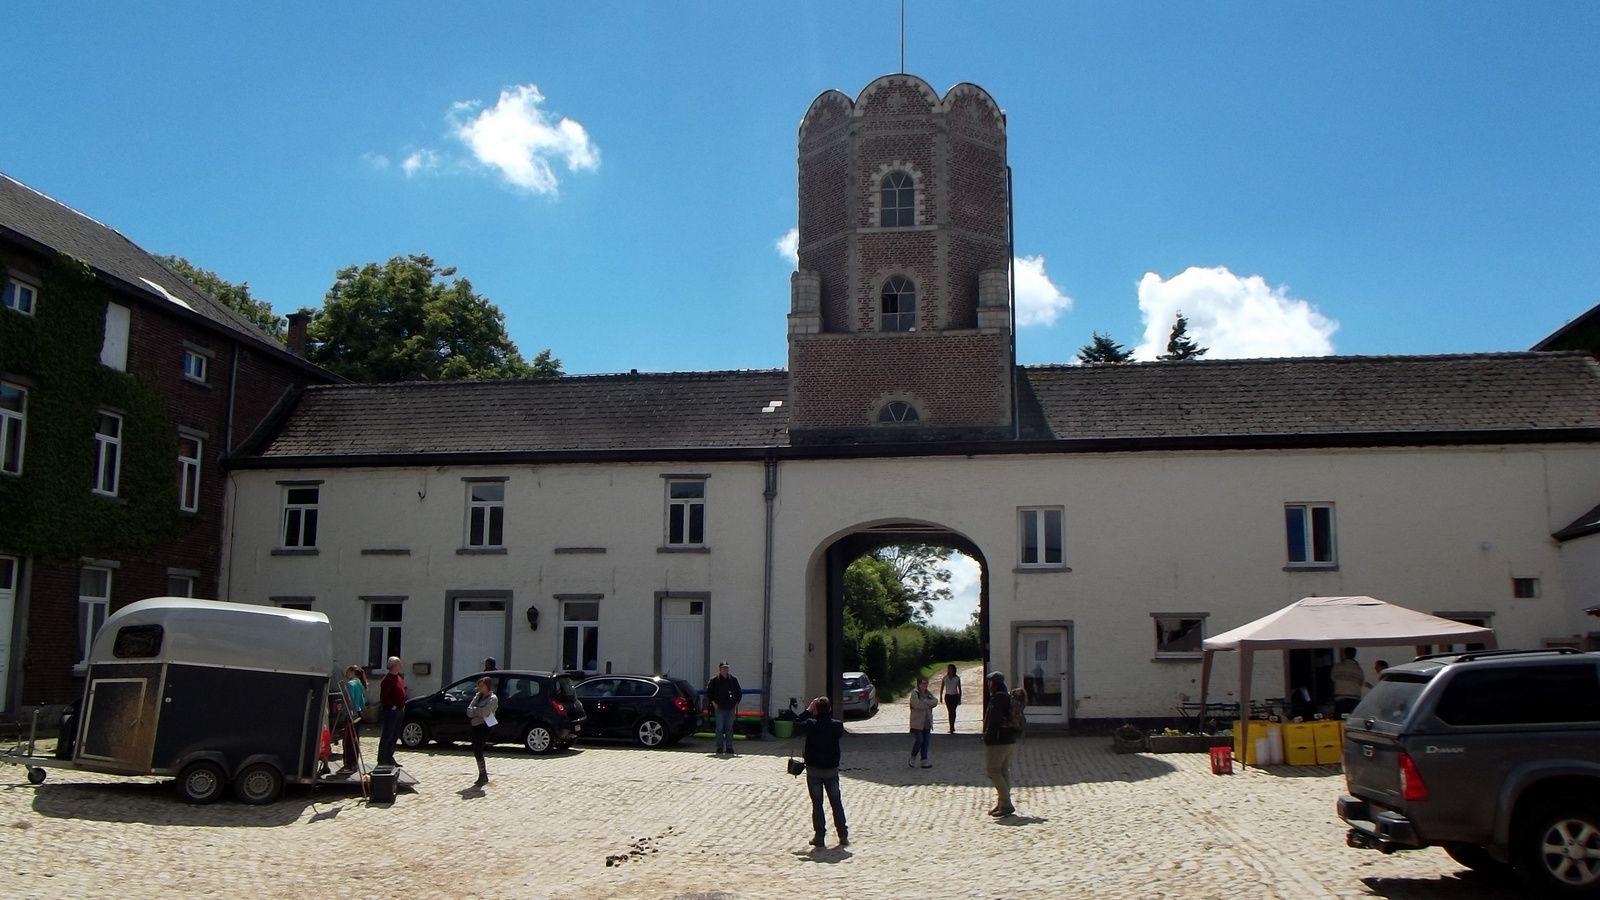 Ferme de la Papelotte , en plus le proprio  super sympa nous avons pu entrer et prendre qq photos.La tour n'existait pas en 1815 !!